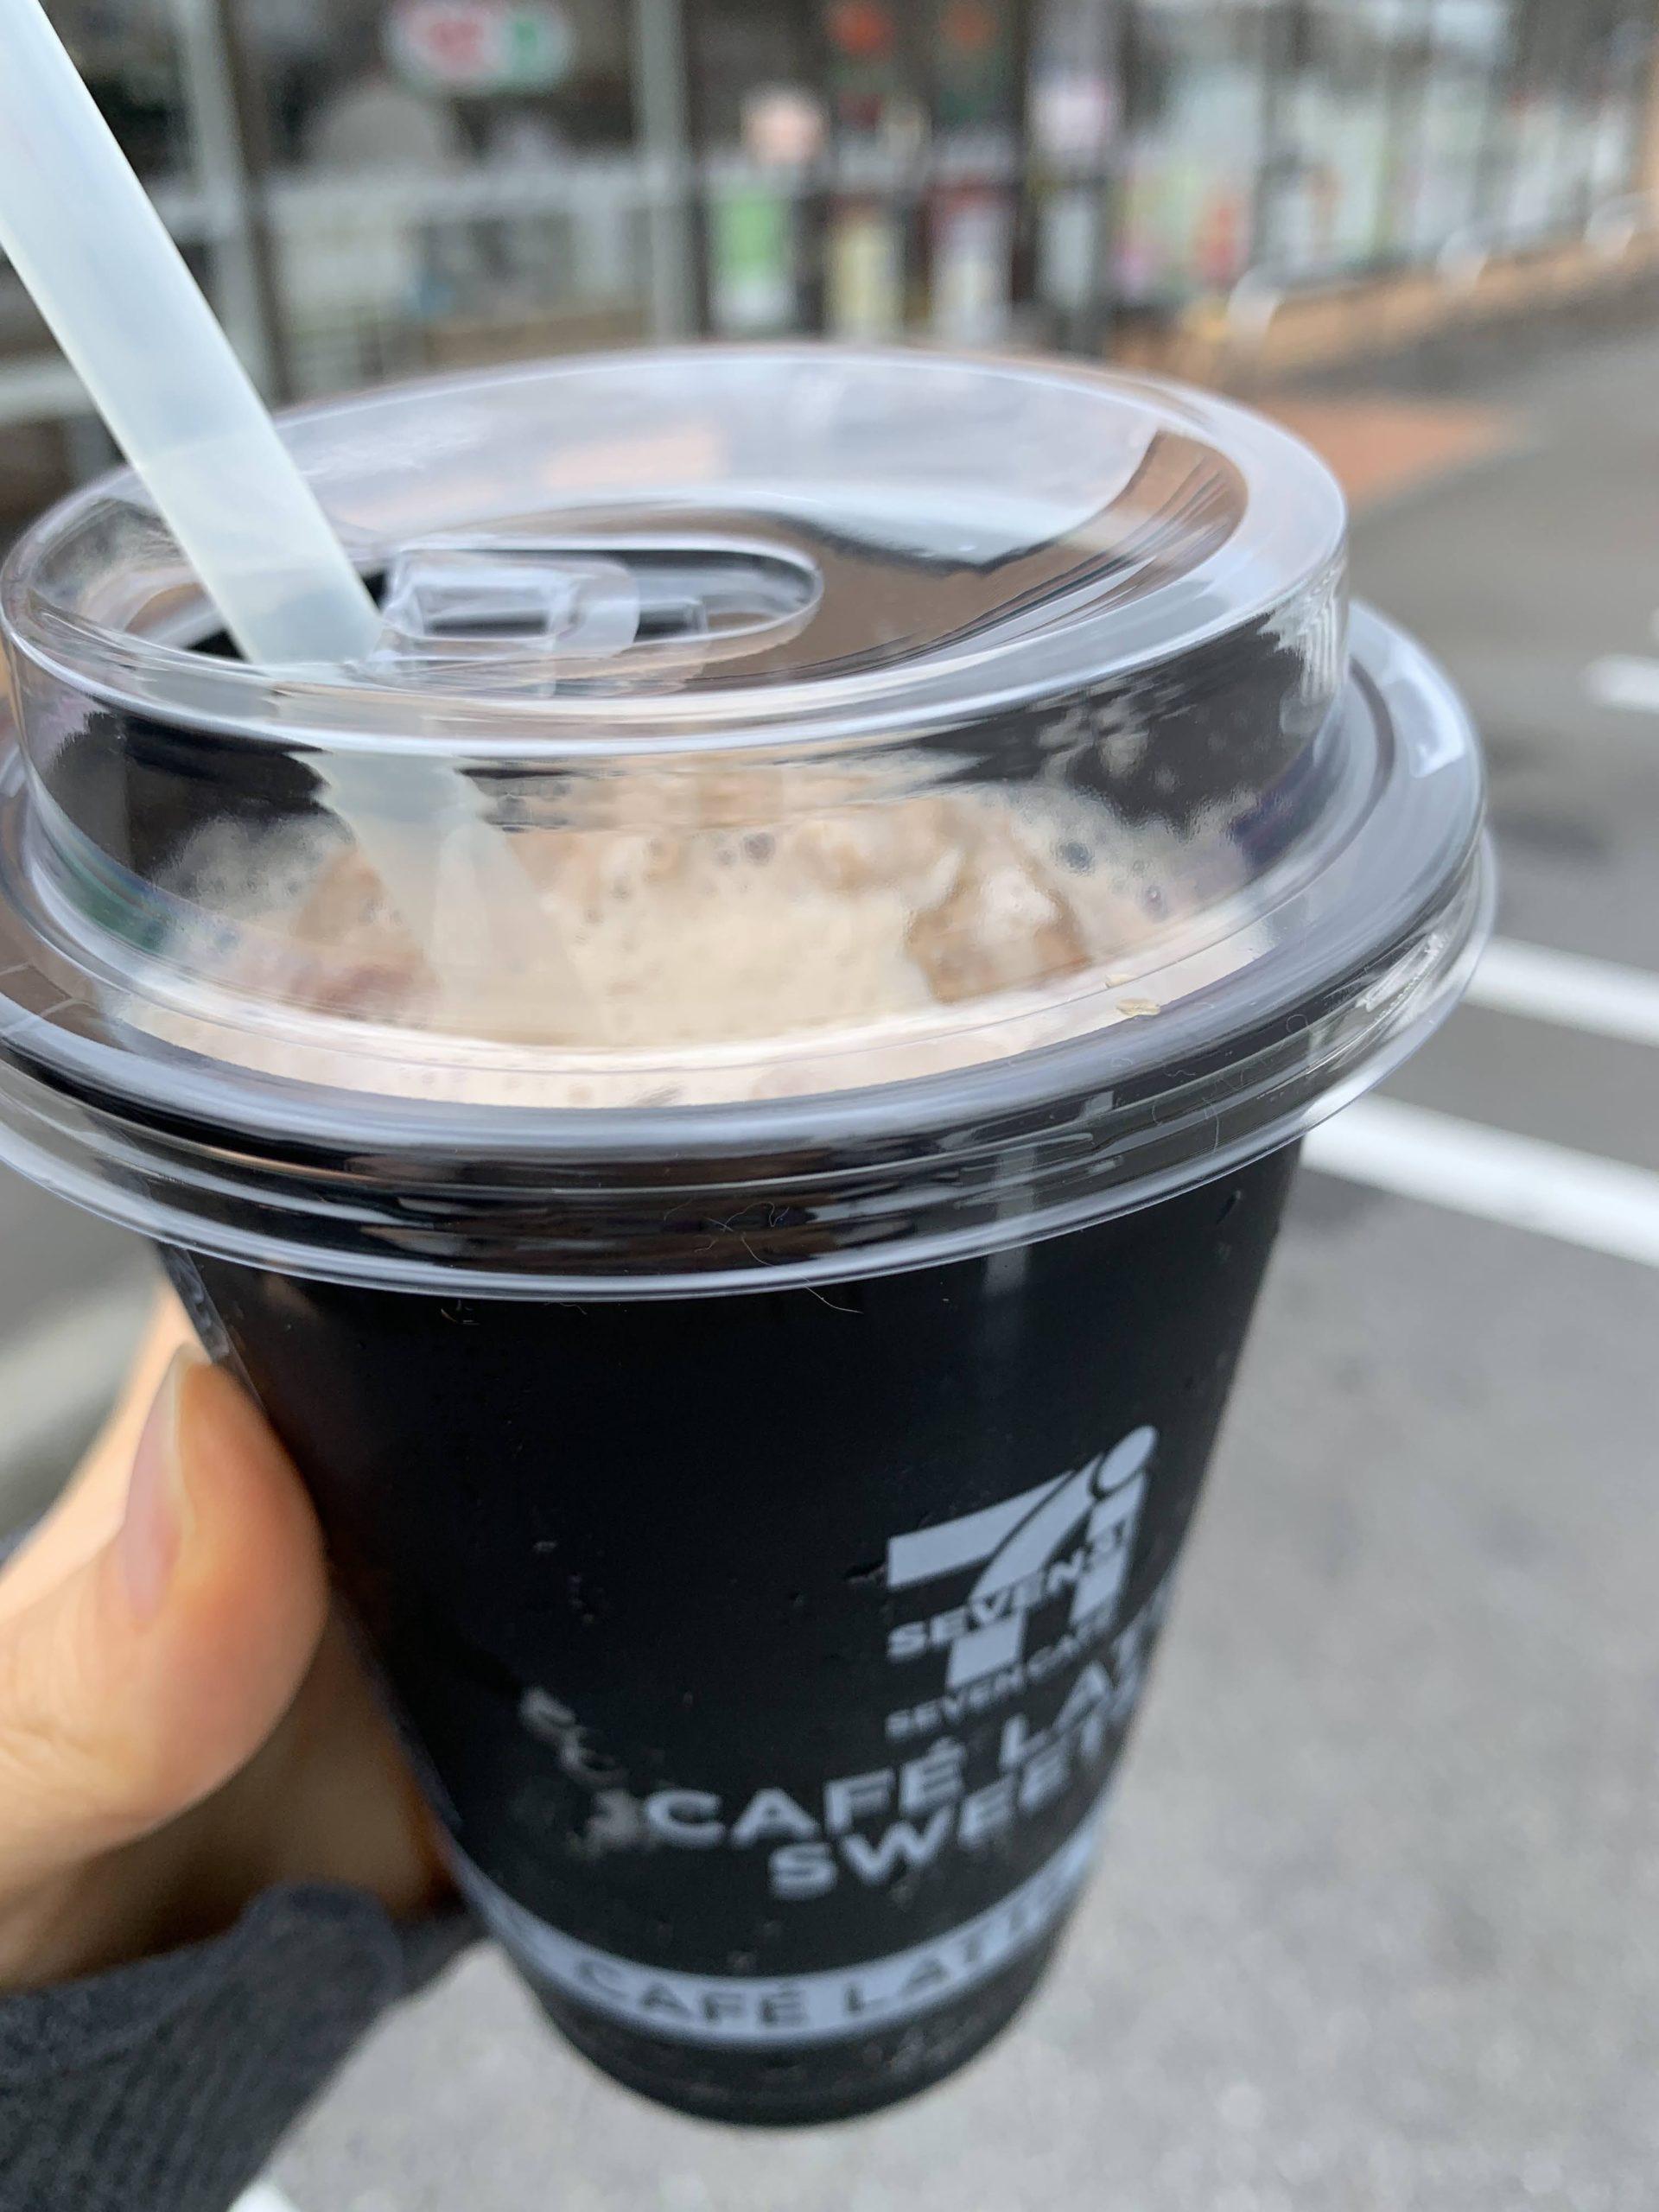 アイス カフェラテ セブン セブンにカフェラテスイーツ